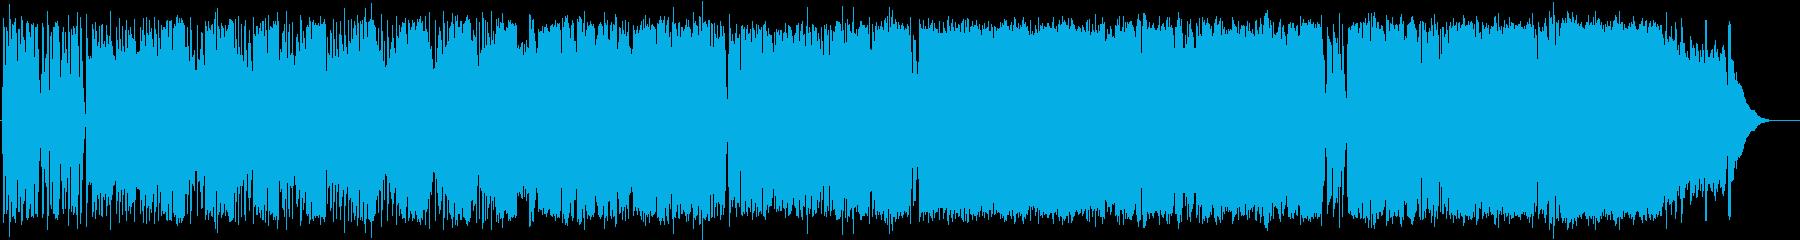 英語洋楽:中期ビートルズ・ポップスの典型の再生済みの波形